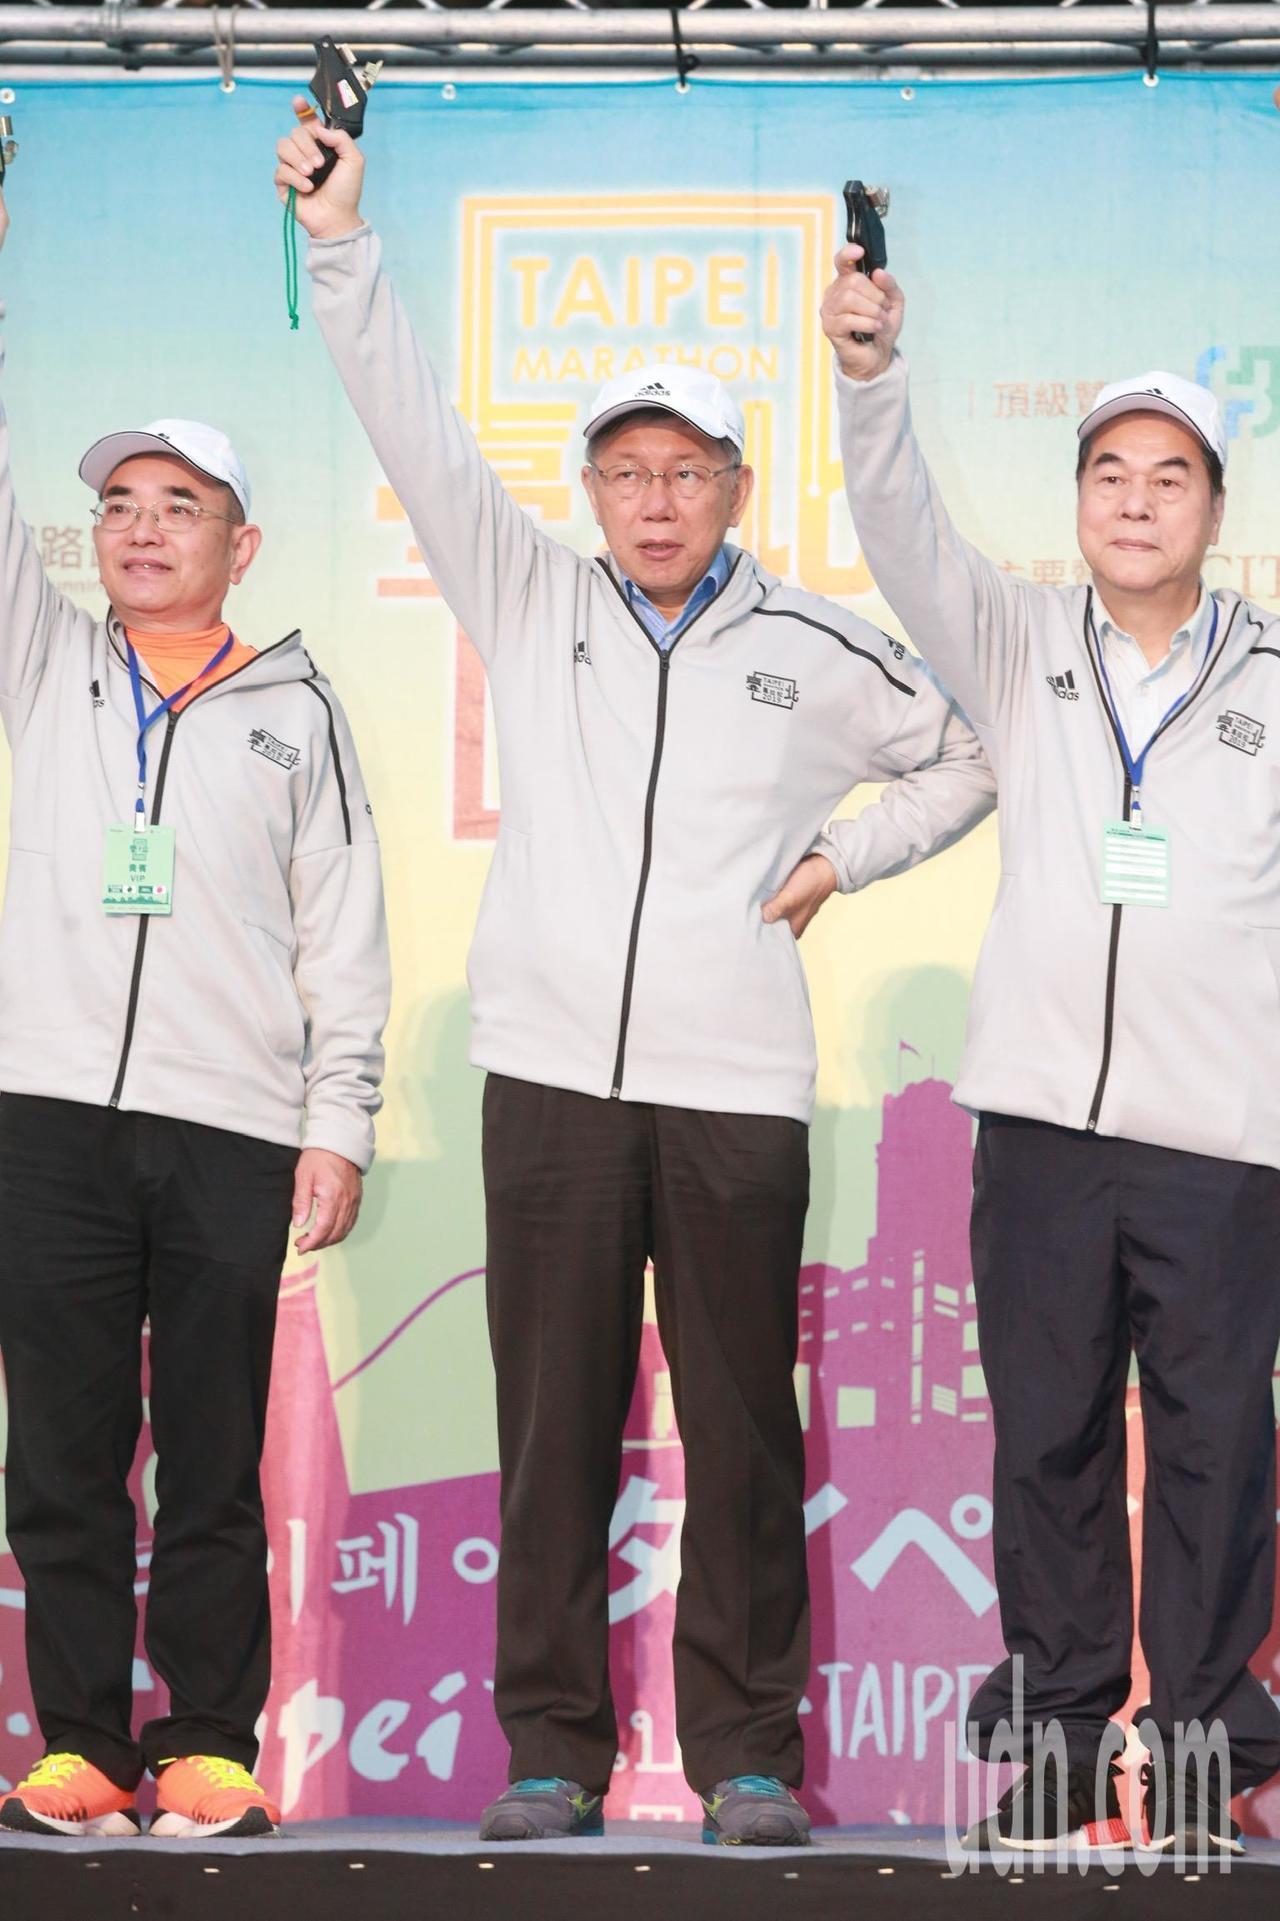 2019台北馬拉松上午6點半於台北市政府前廣場開跑。台北市長柯文哲與貴賓一同為選...